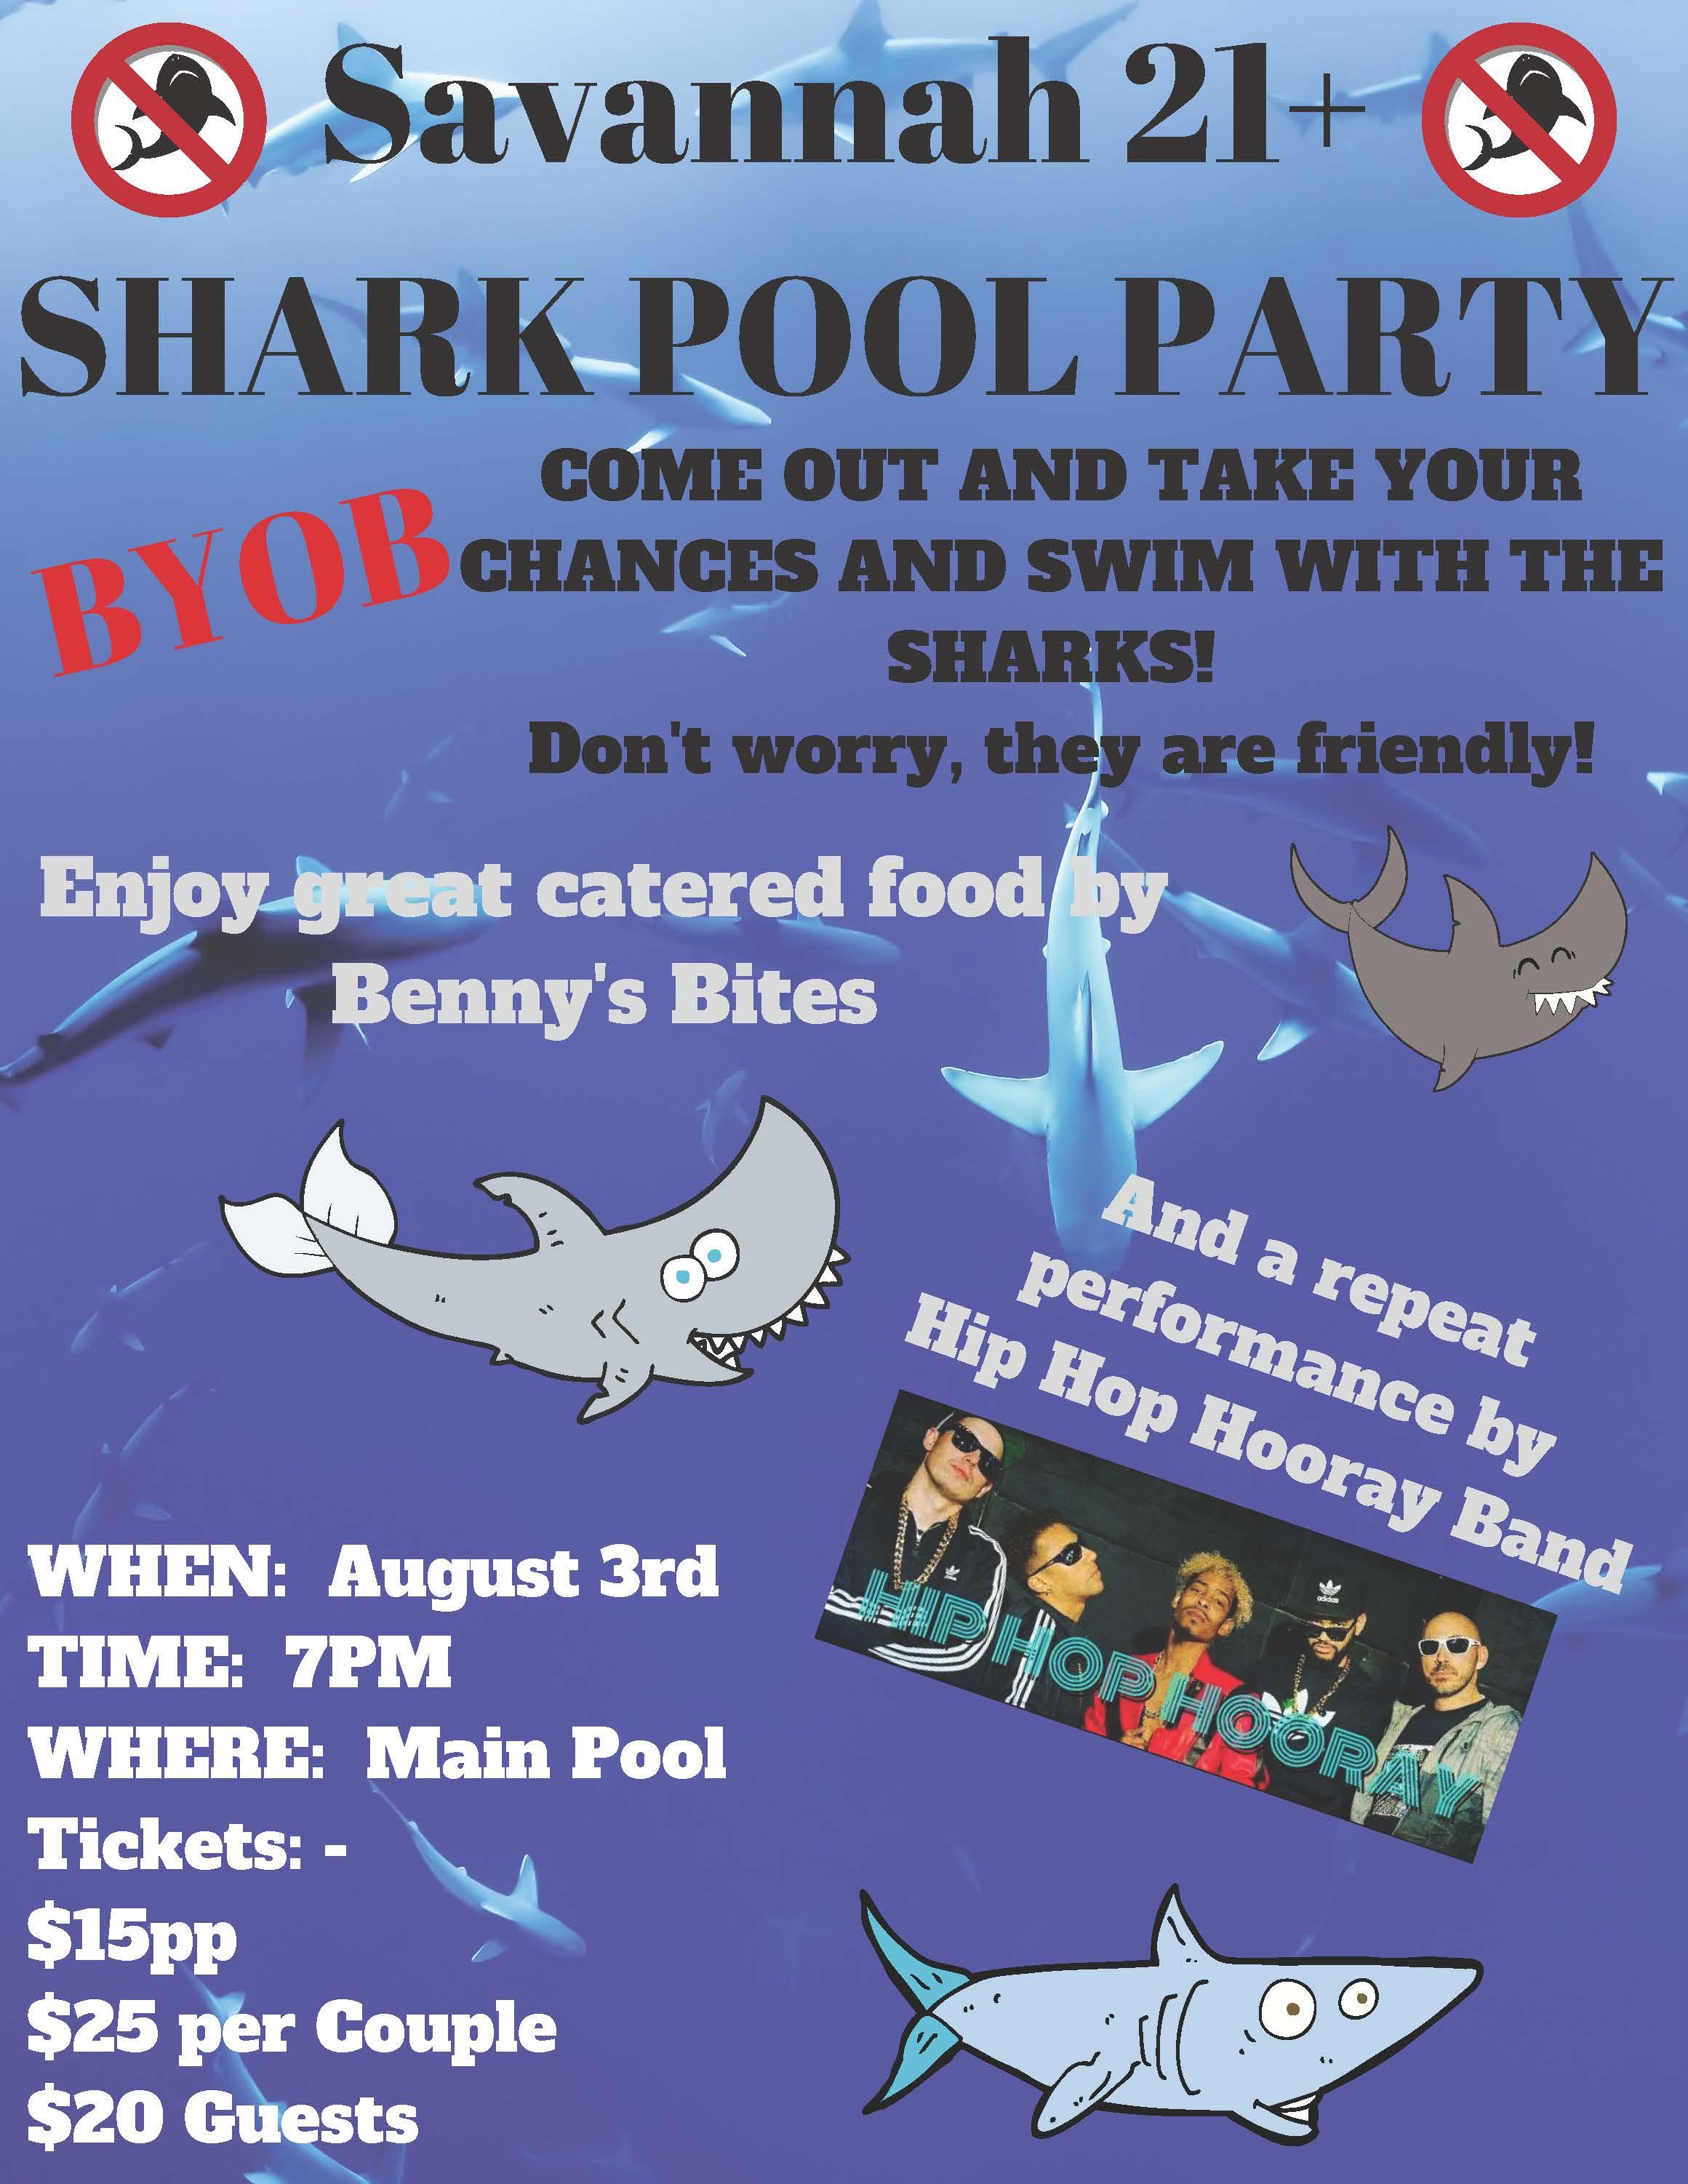 Savannah 21+ SHARK POOL PARTY (2).jpg